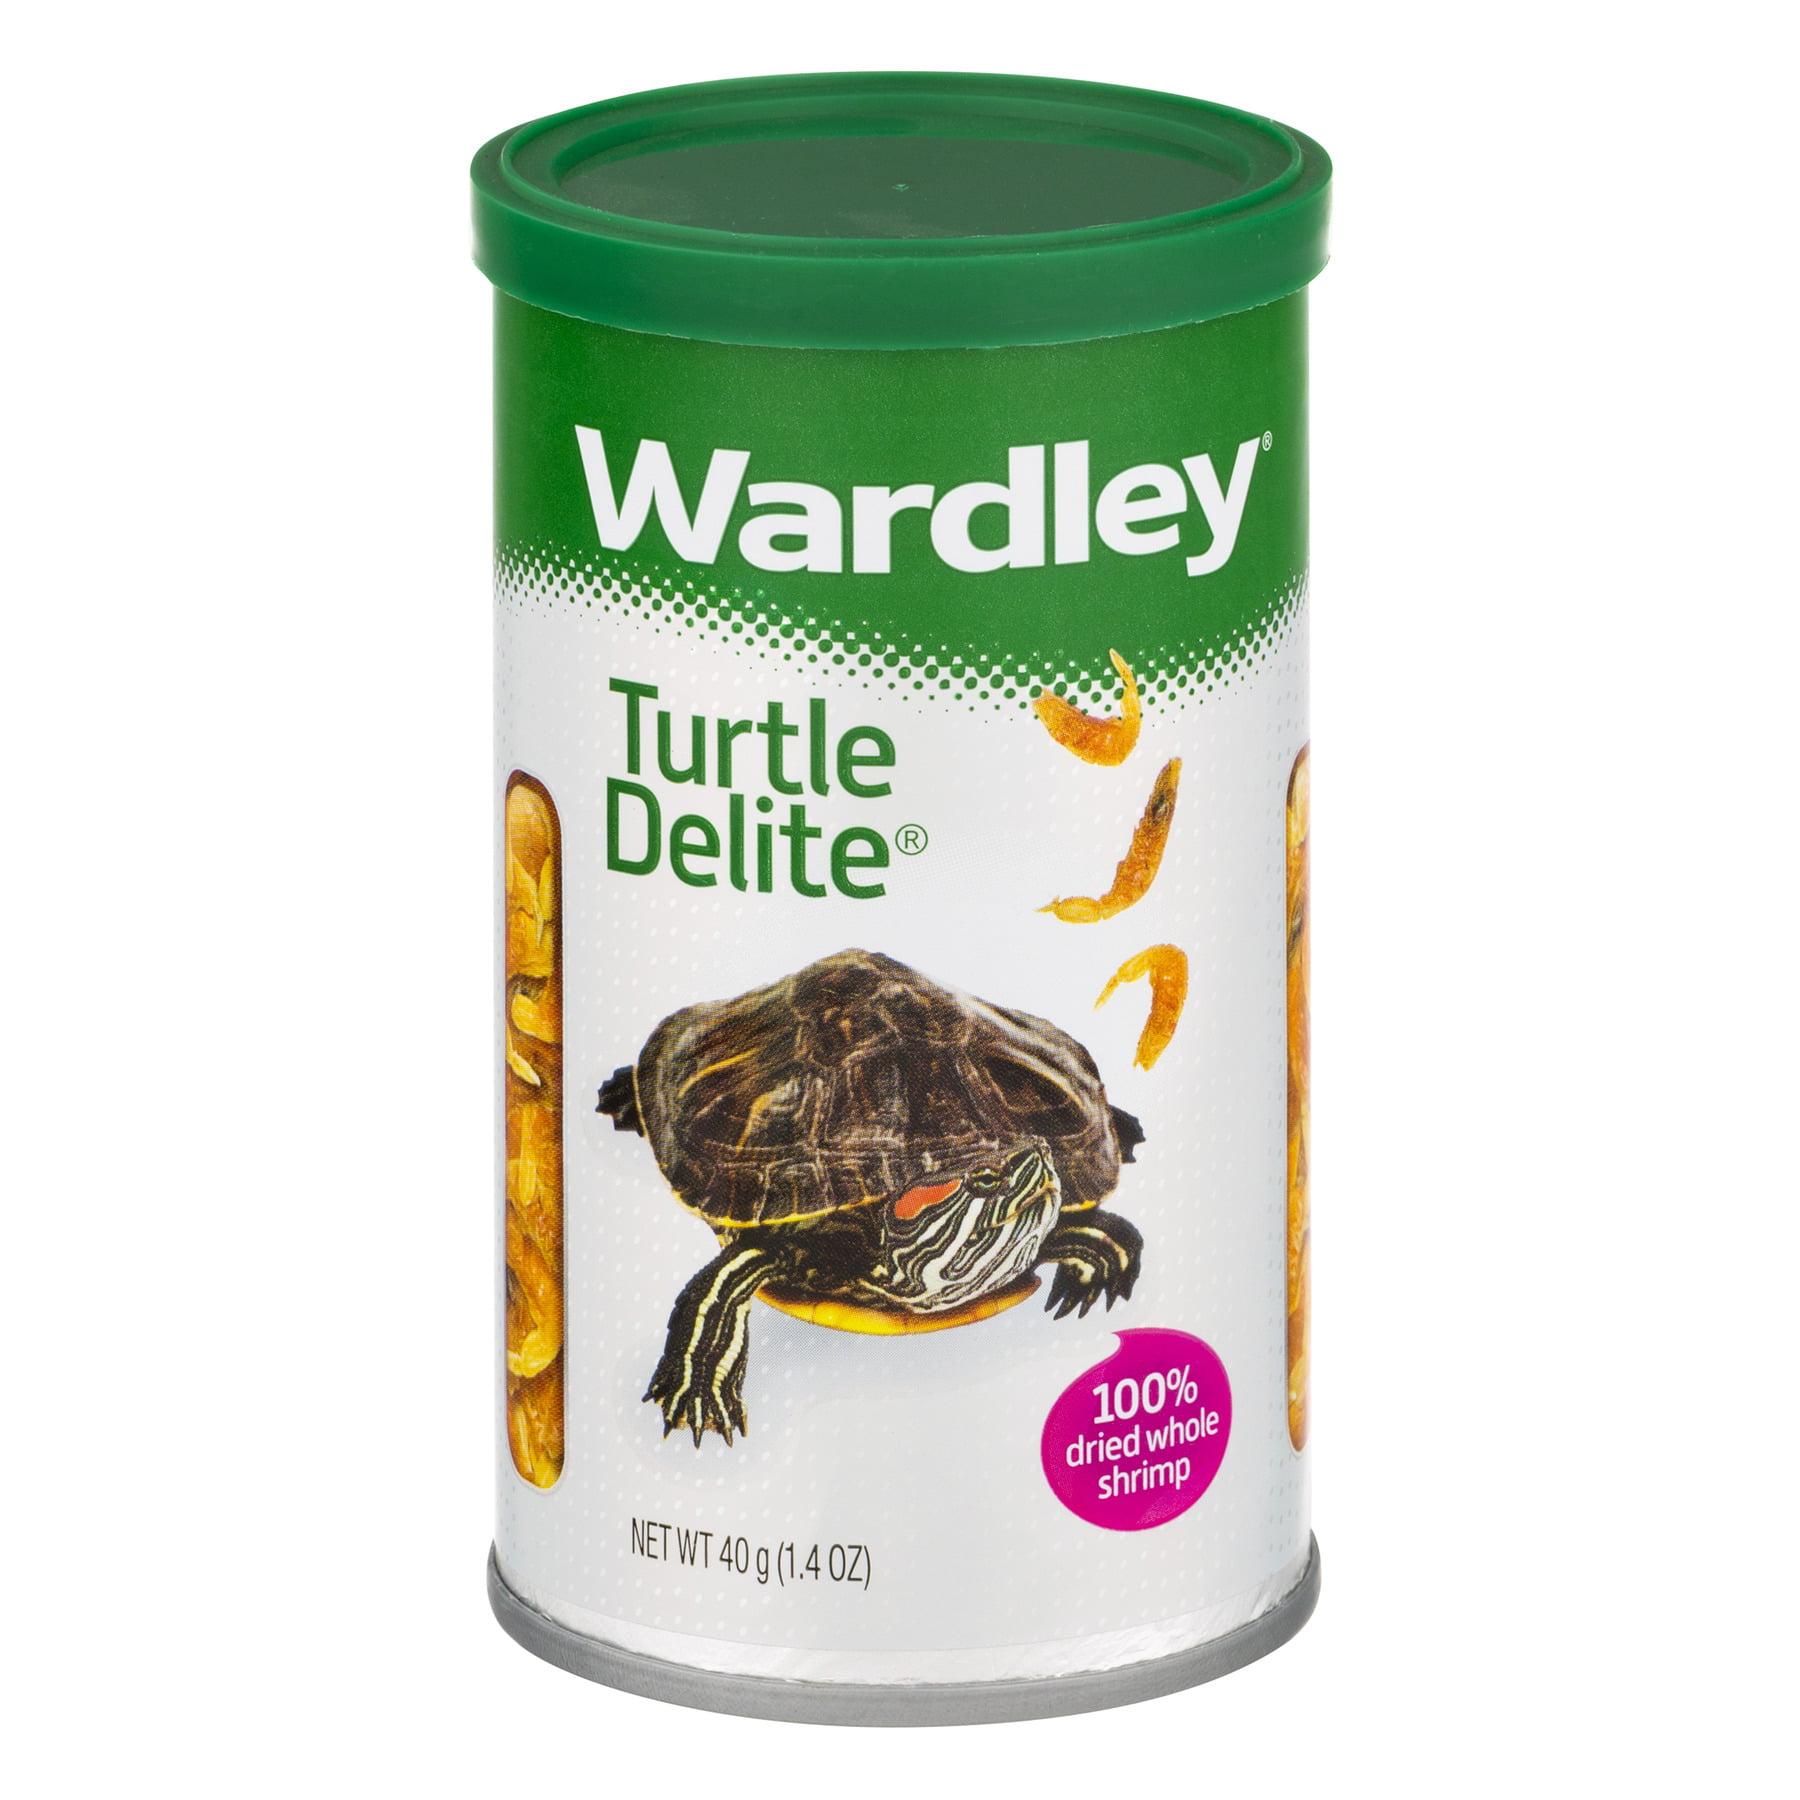 Wardley Turtle Delight Reptile Food, 1.4 oz